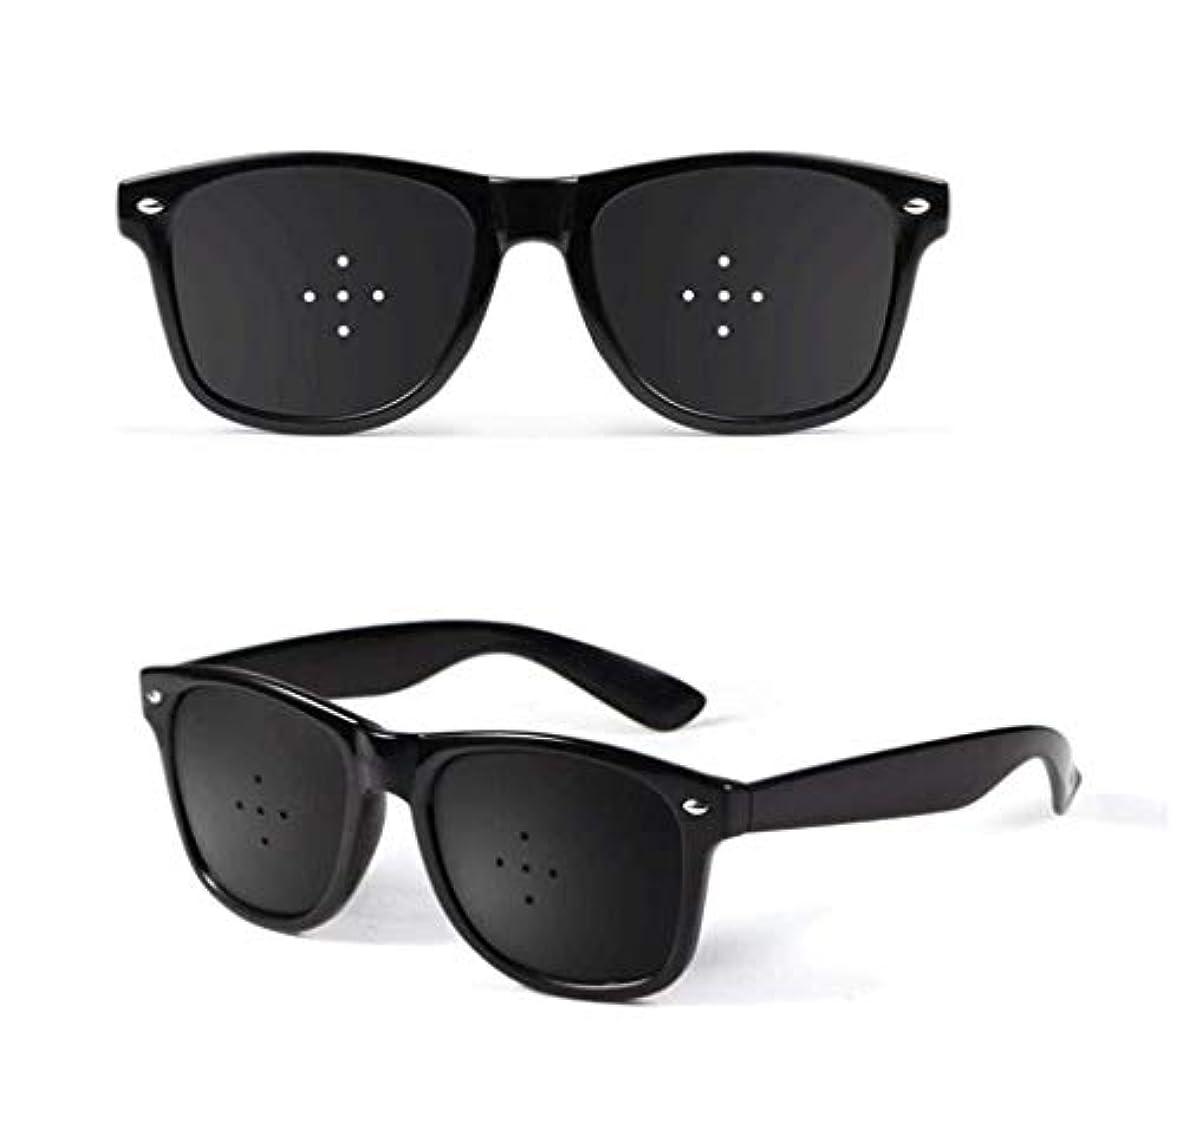 家事をする遠足法律によりユニセックス視力ビジョンケアビジョンピンホールメガネアイズエクササイズファッションナチュラル (Color : 黒)